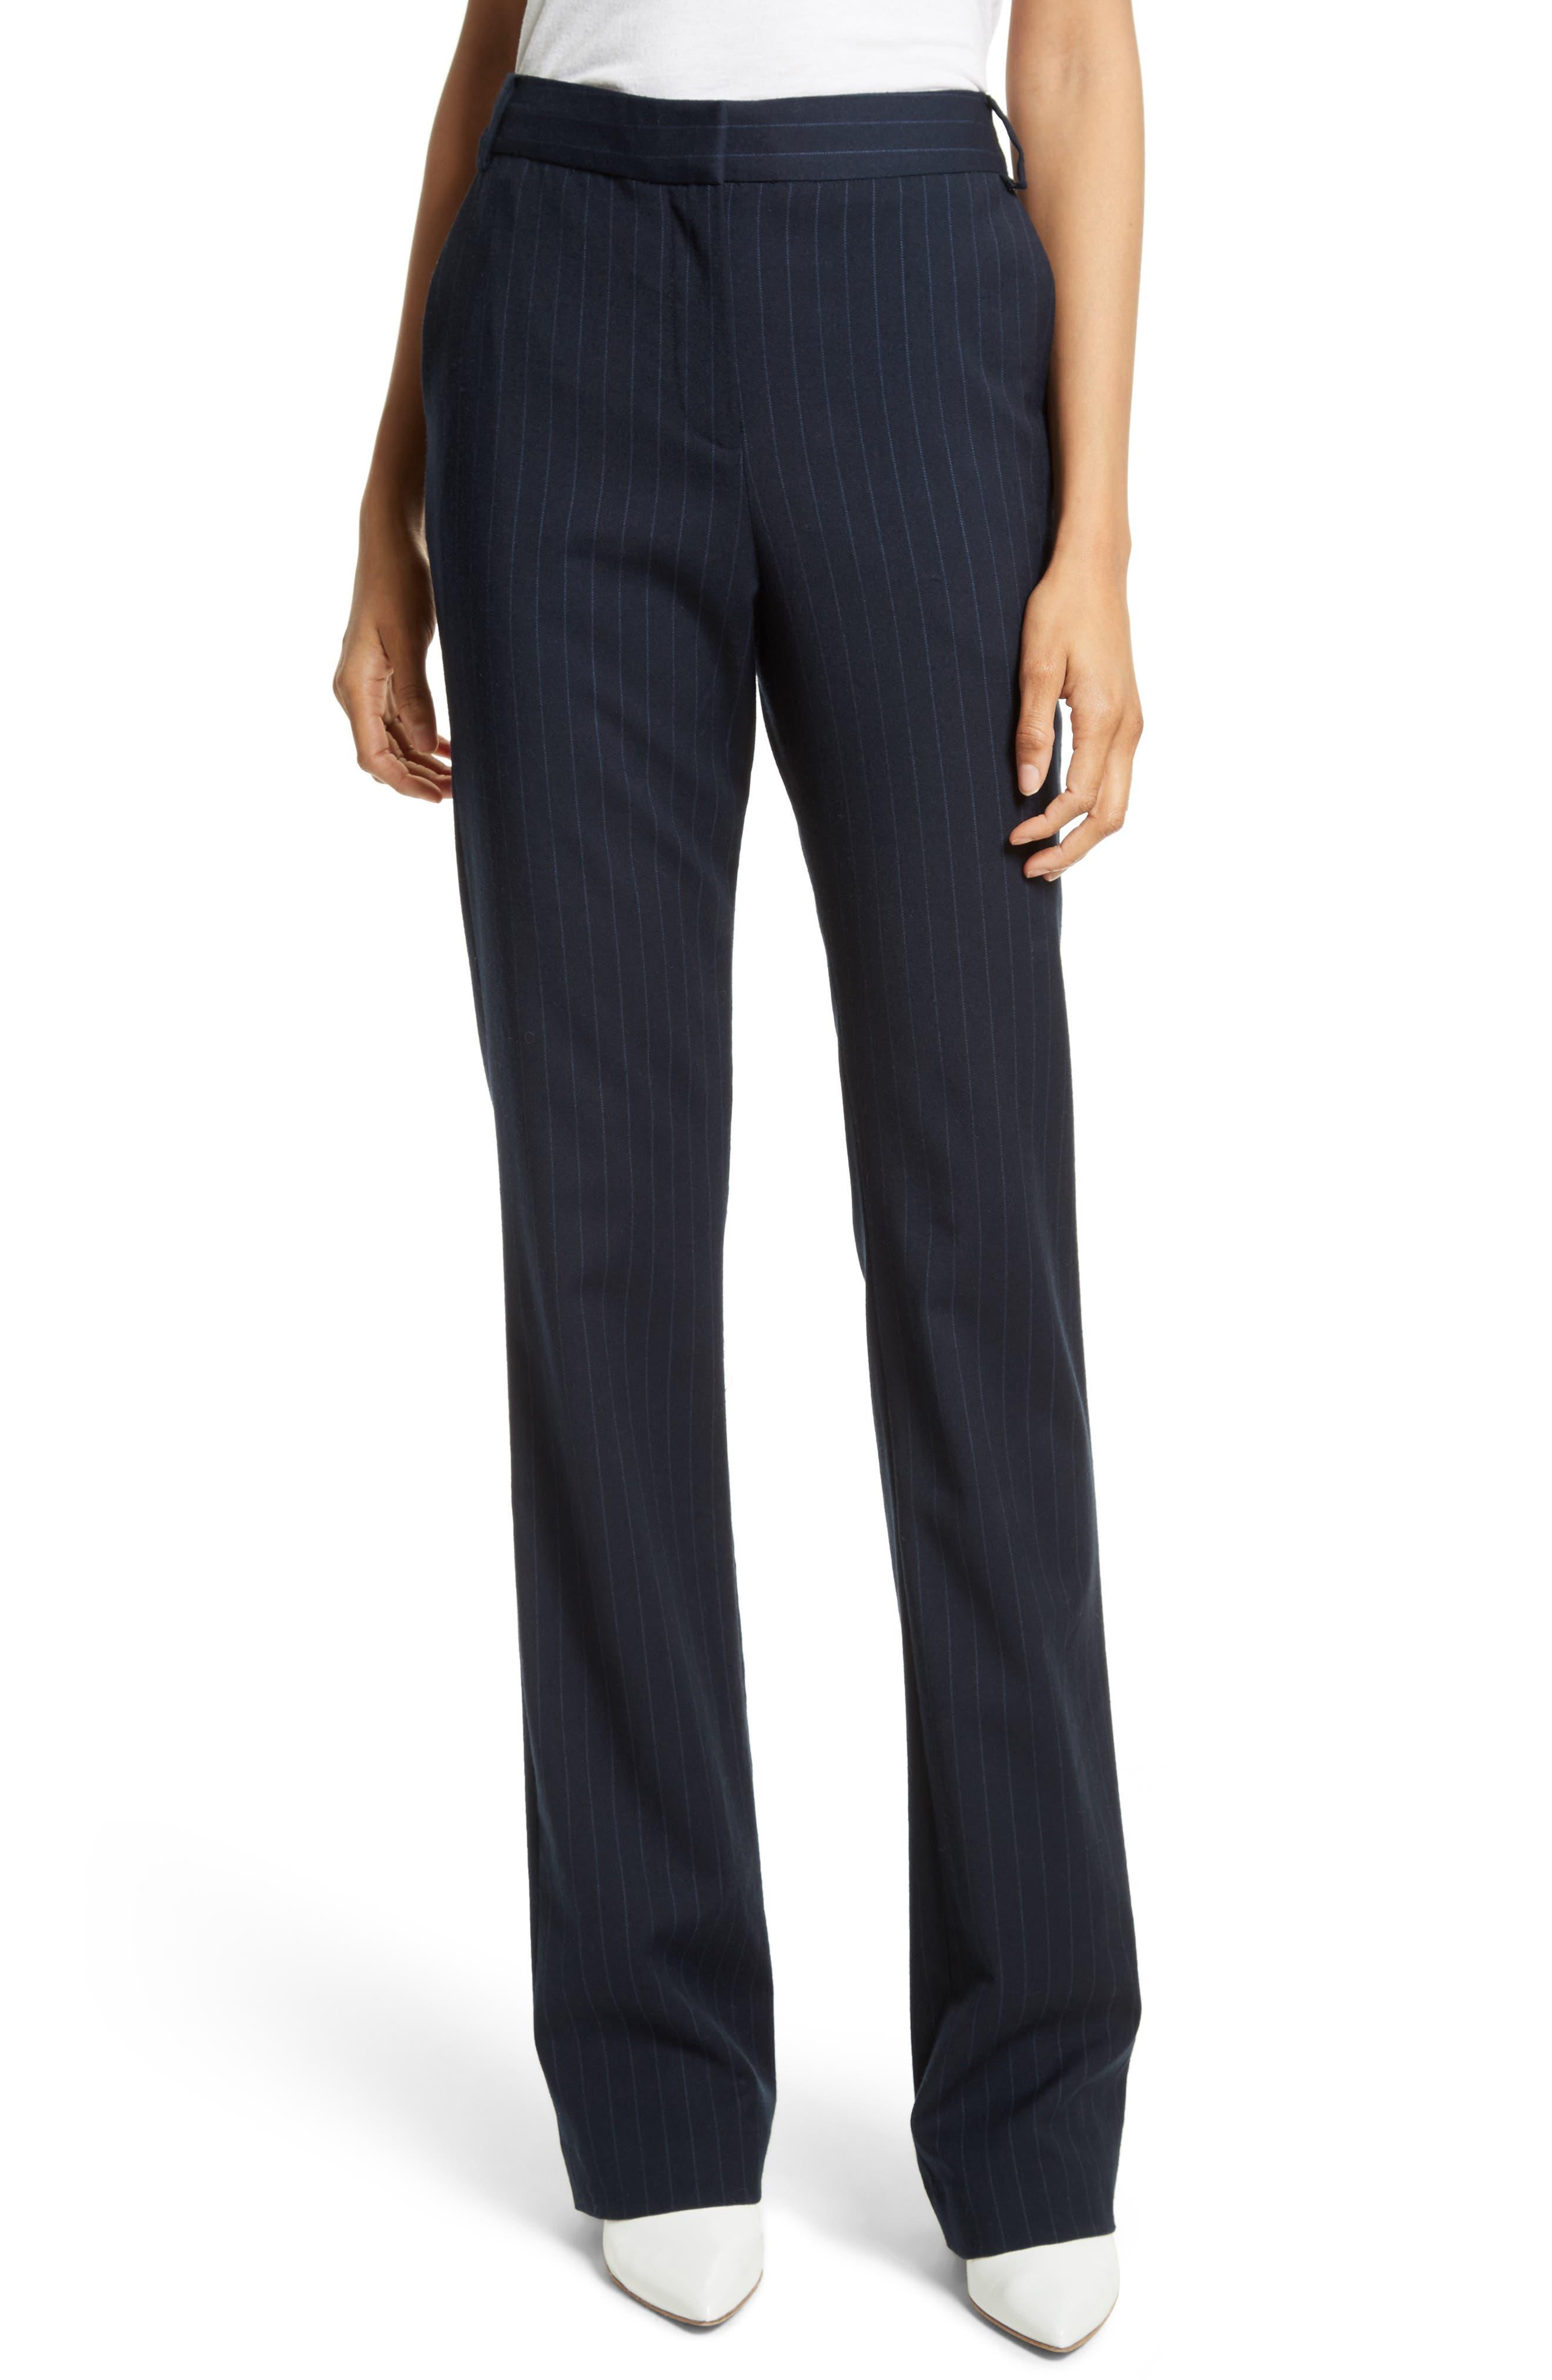 Delmont Bootcut Pants,                             Main thumbnail 1, color,                             Navy/ Cobalt